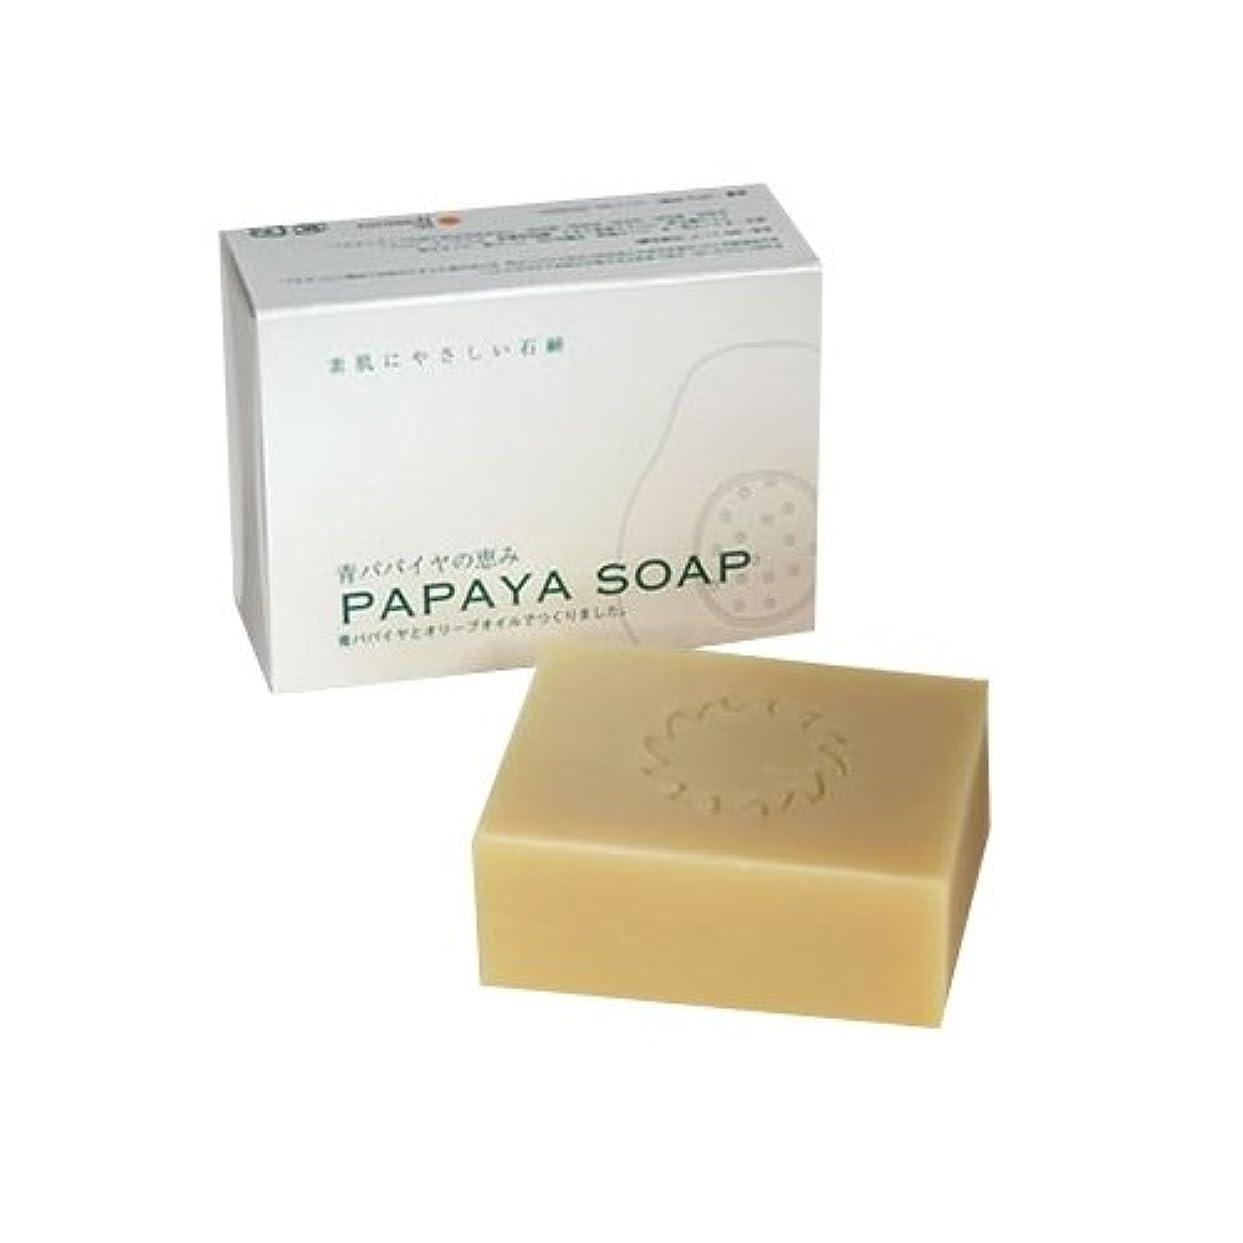 タービン値下げ取り消す青パパイヤの恵み PAPAYA SOAP(パパイヤソープ) 100g